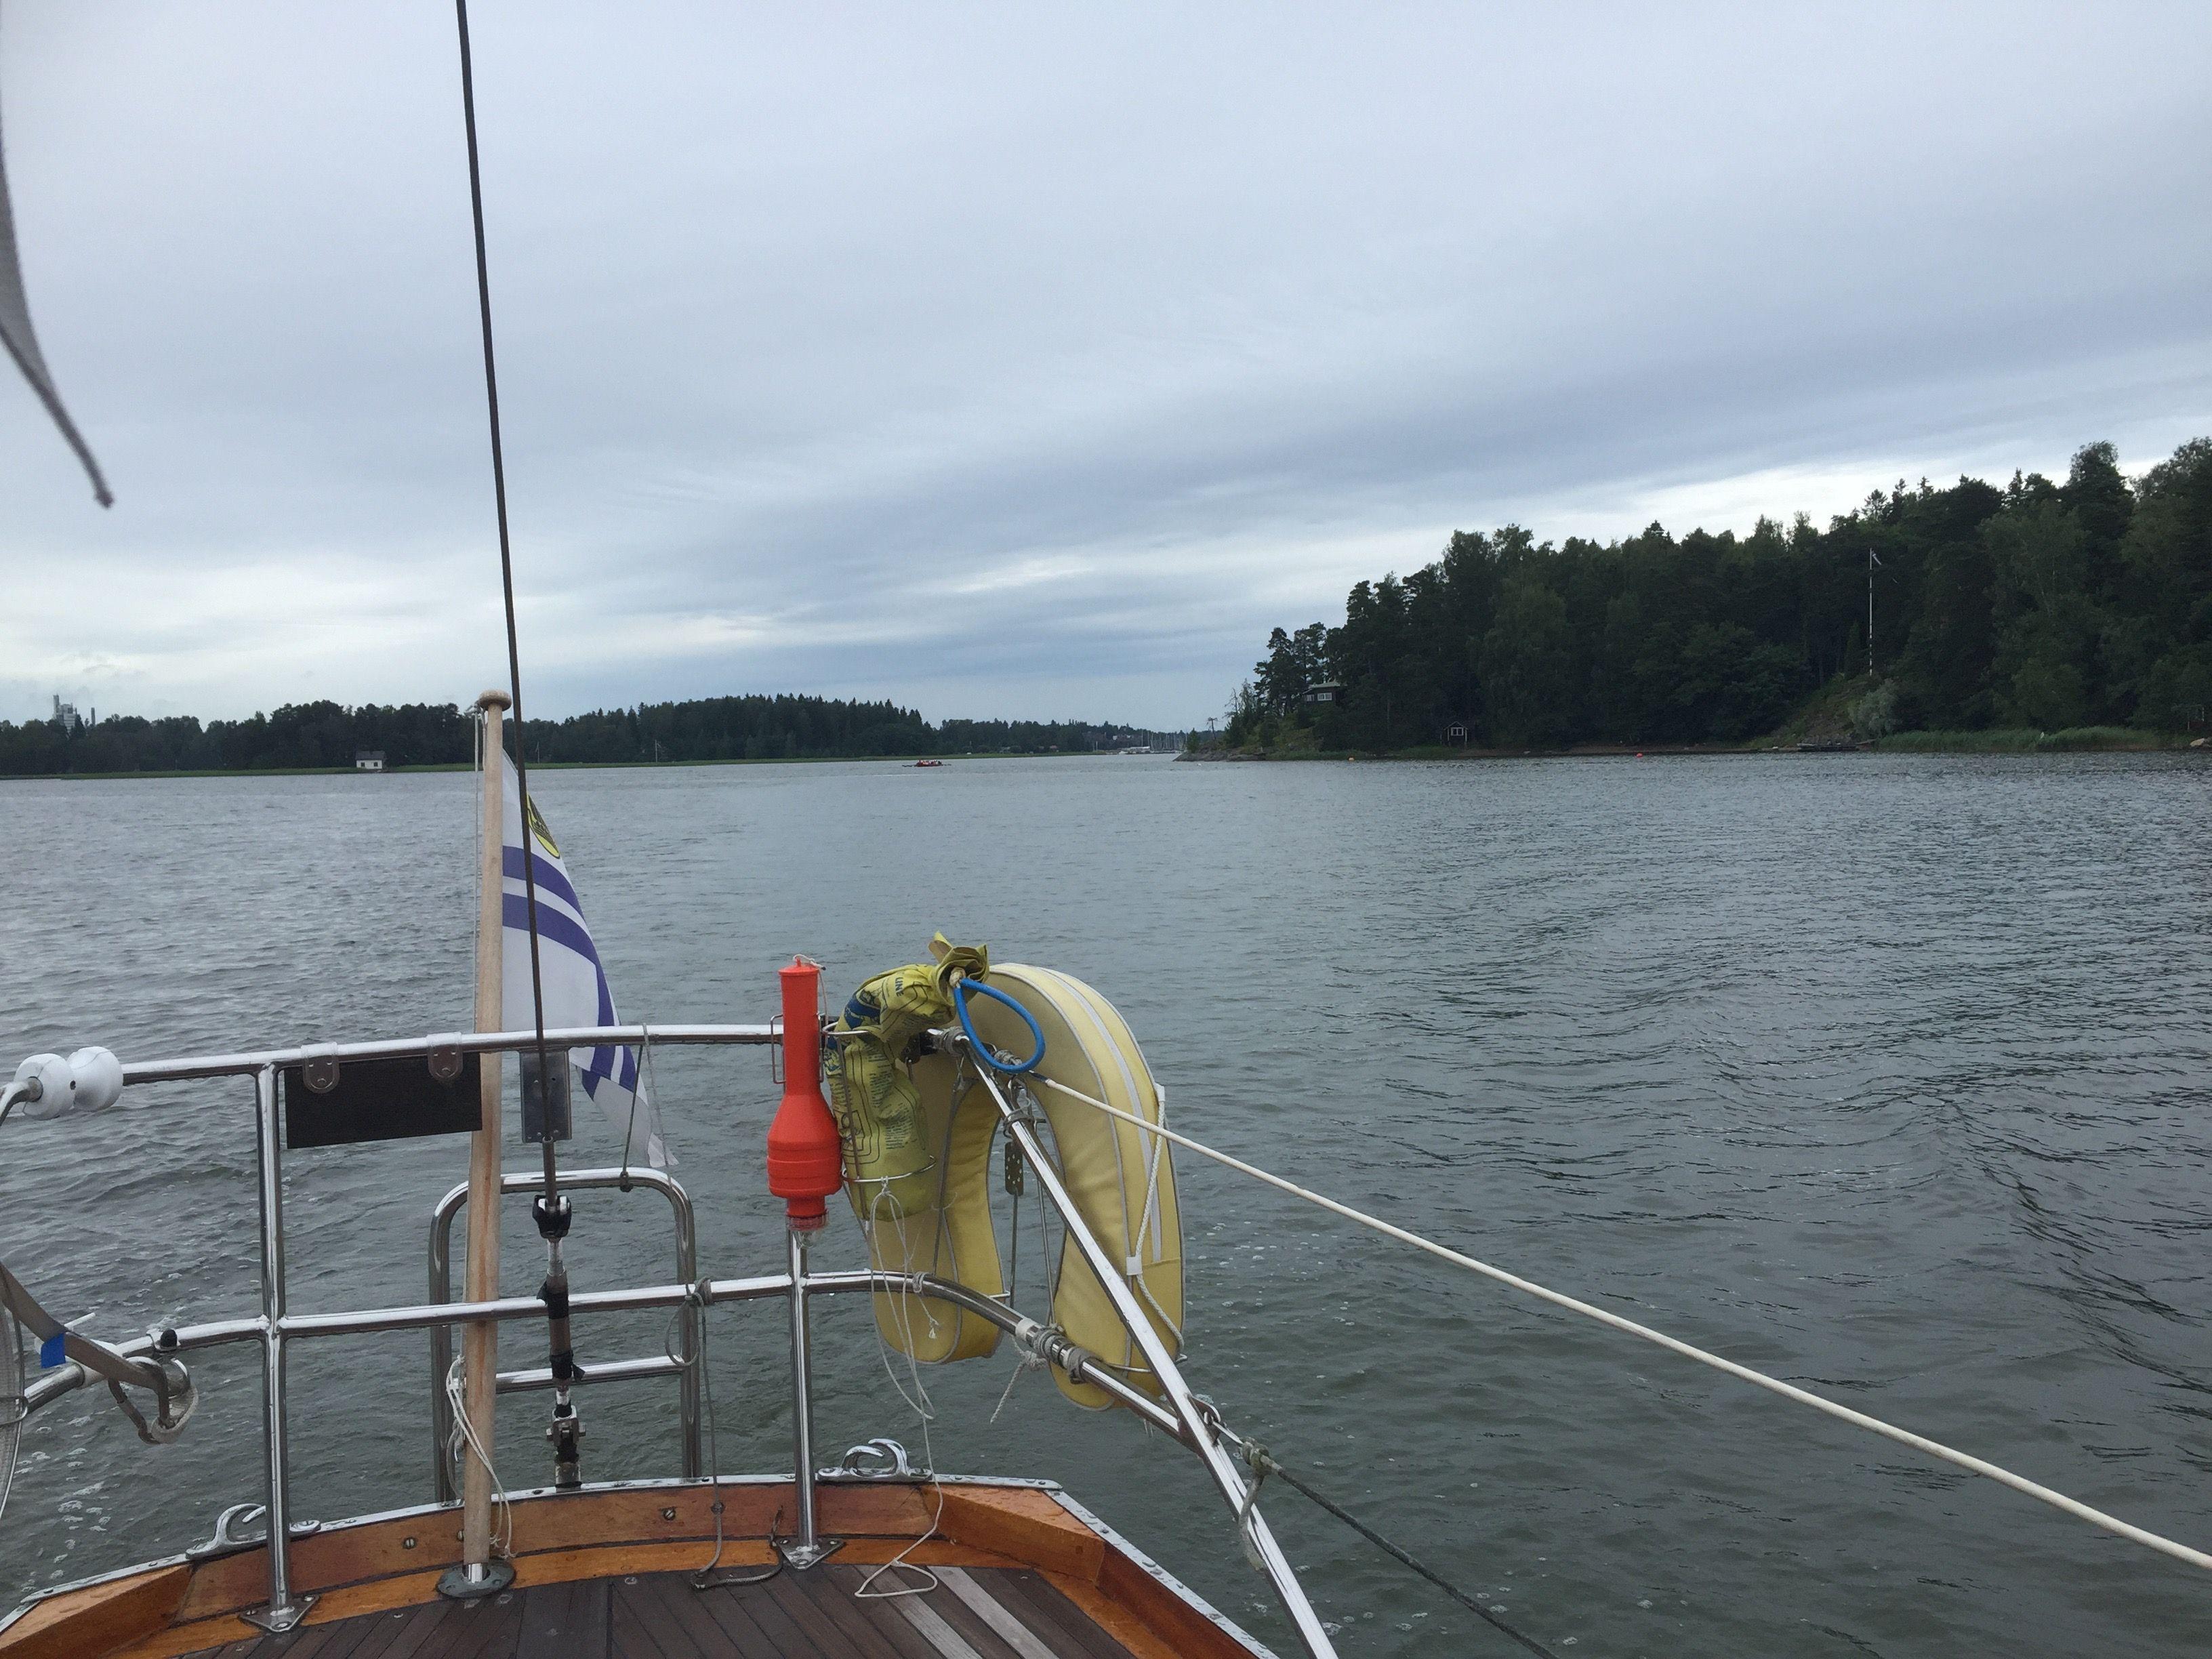 Kesälomapurjehdus 2016 - purjehdus Suomenlahdella ja Virossa